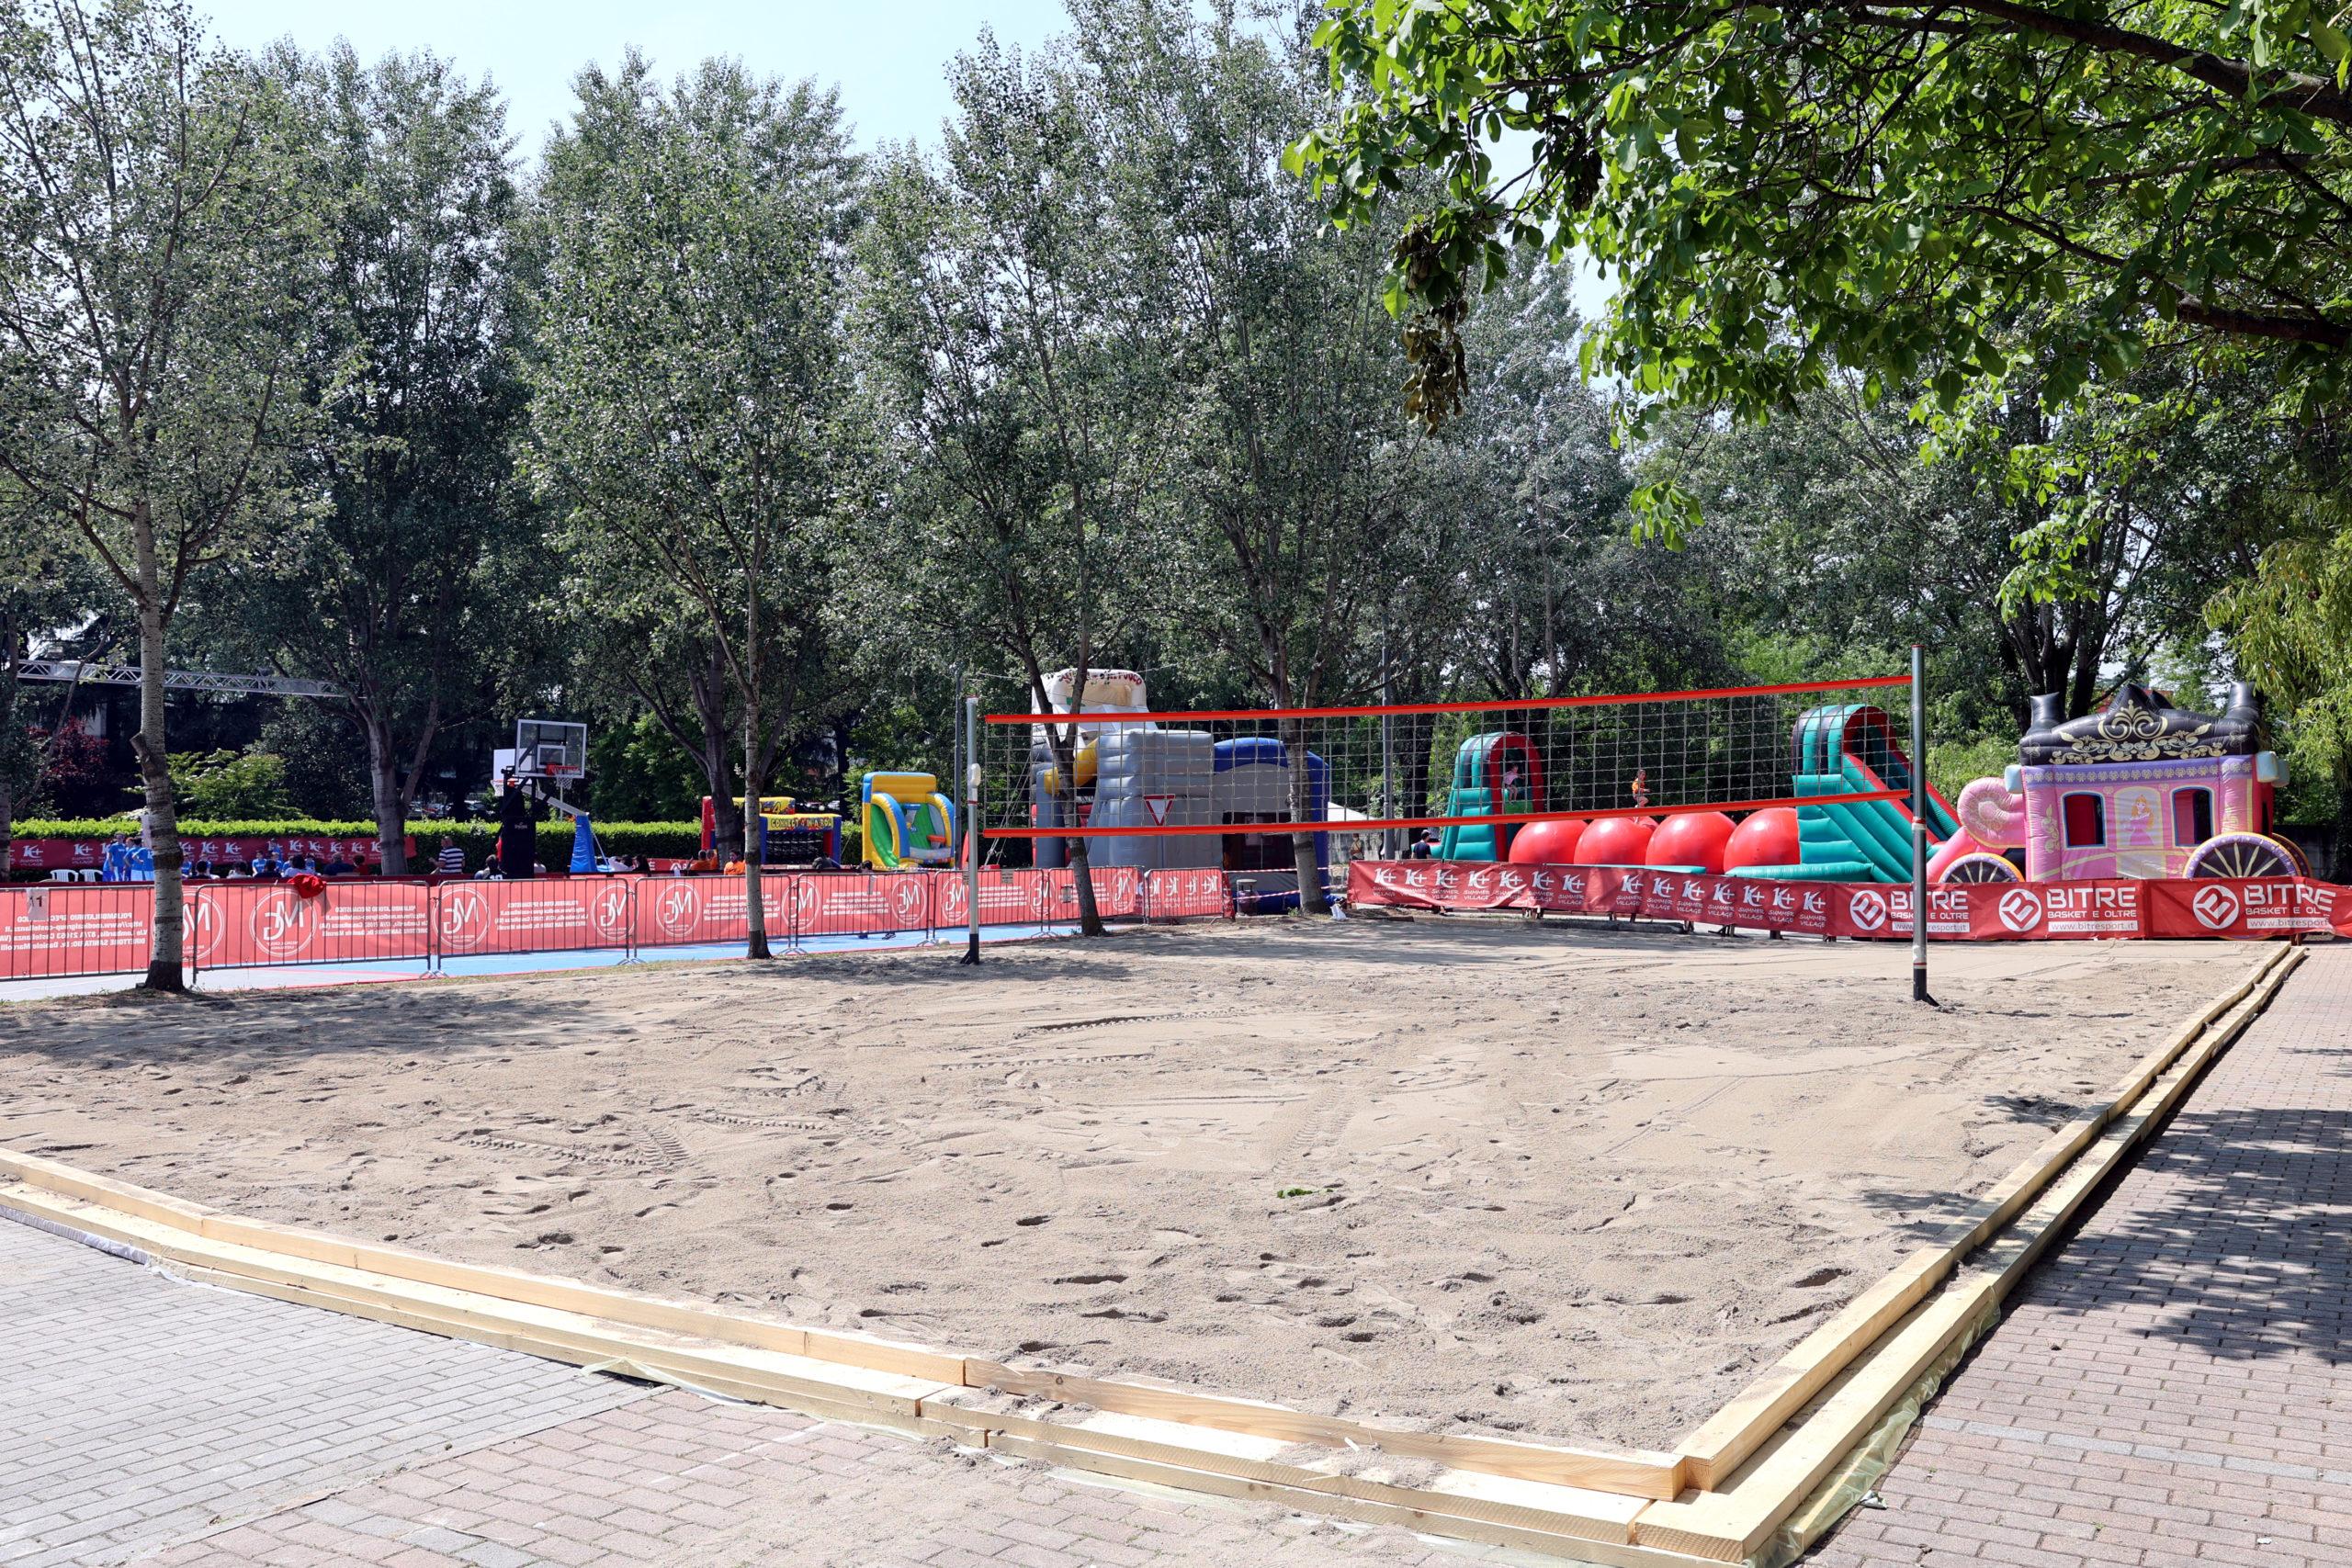 Pronto il Beach Volley: sabato 05/06 l'inaugurazione post thumbnail image